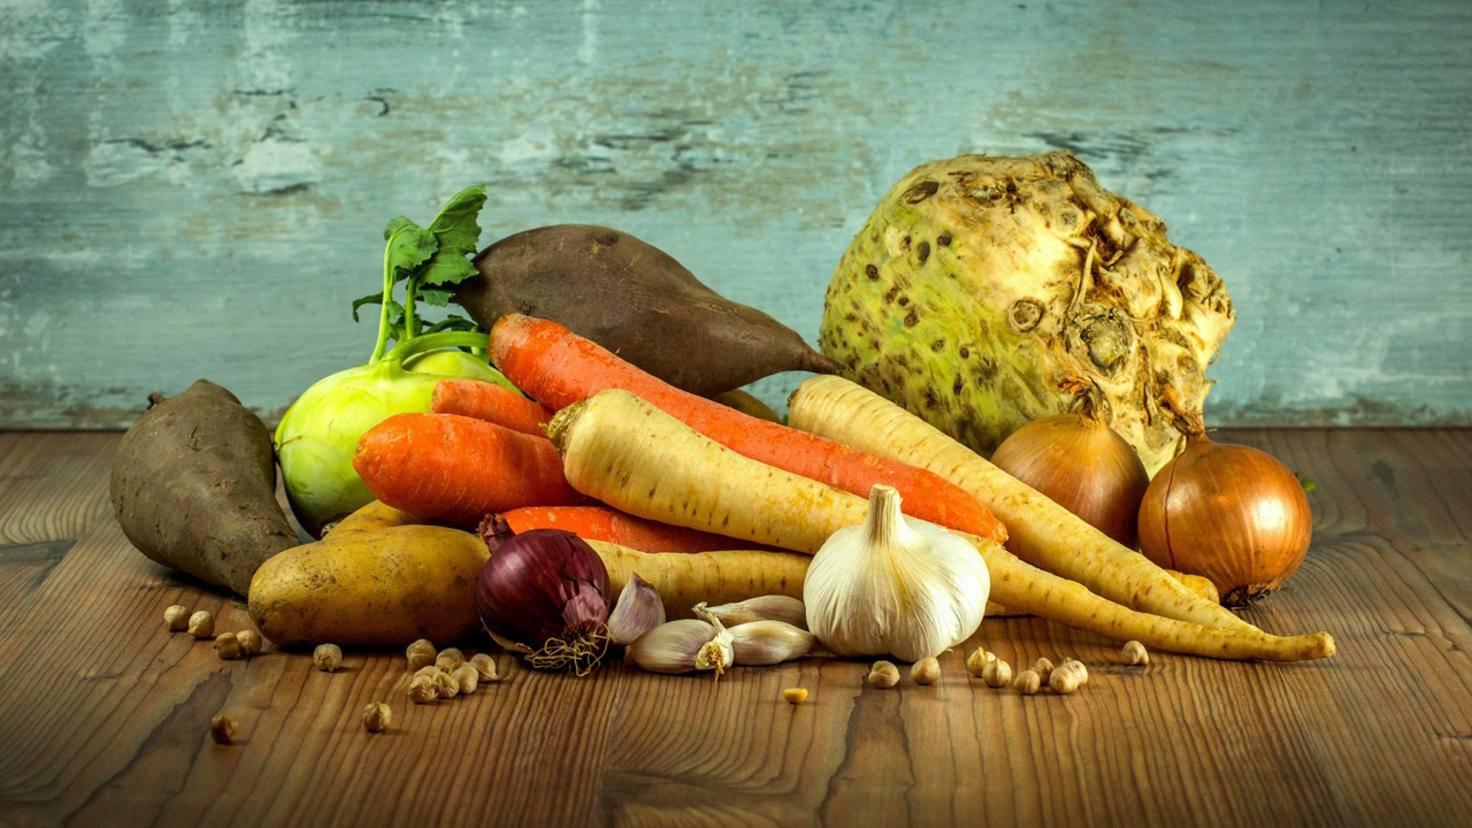 Vor allem im Winter wird saisonales Essen leicht zur Herausforderung. Ein Tipp: Möhren und andere Wurzeln wachsen dann vor der Haustür.